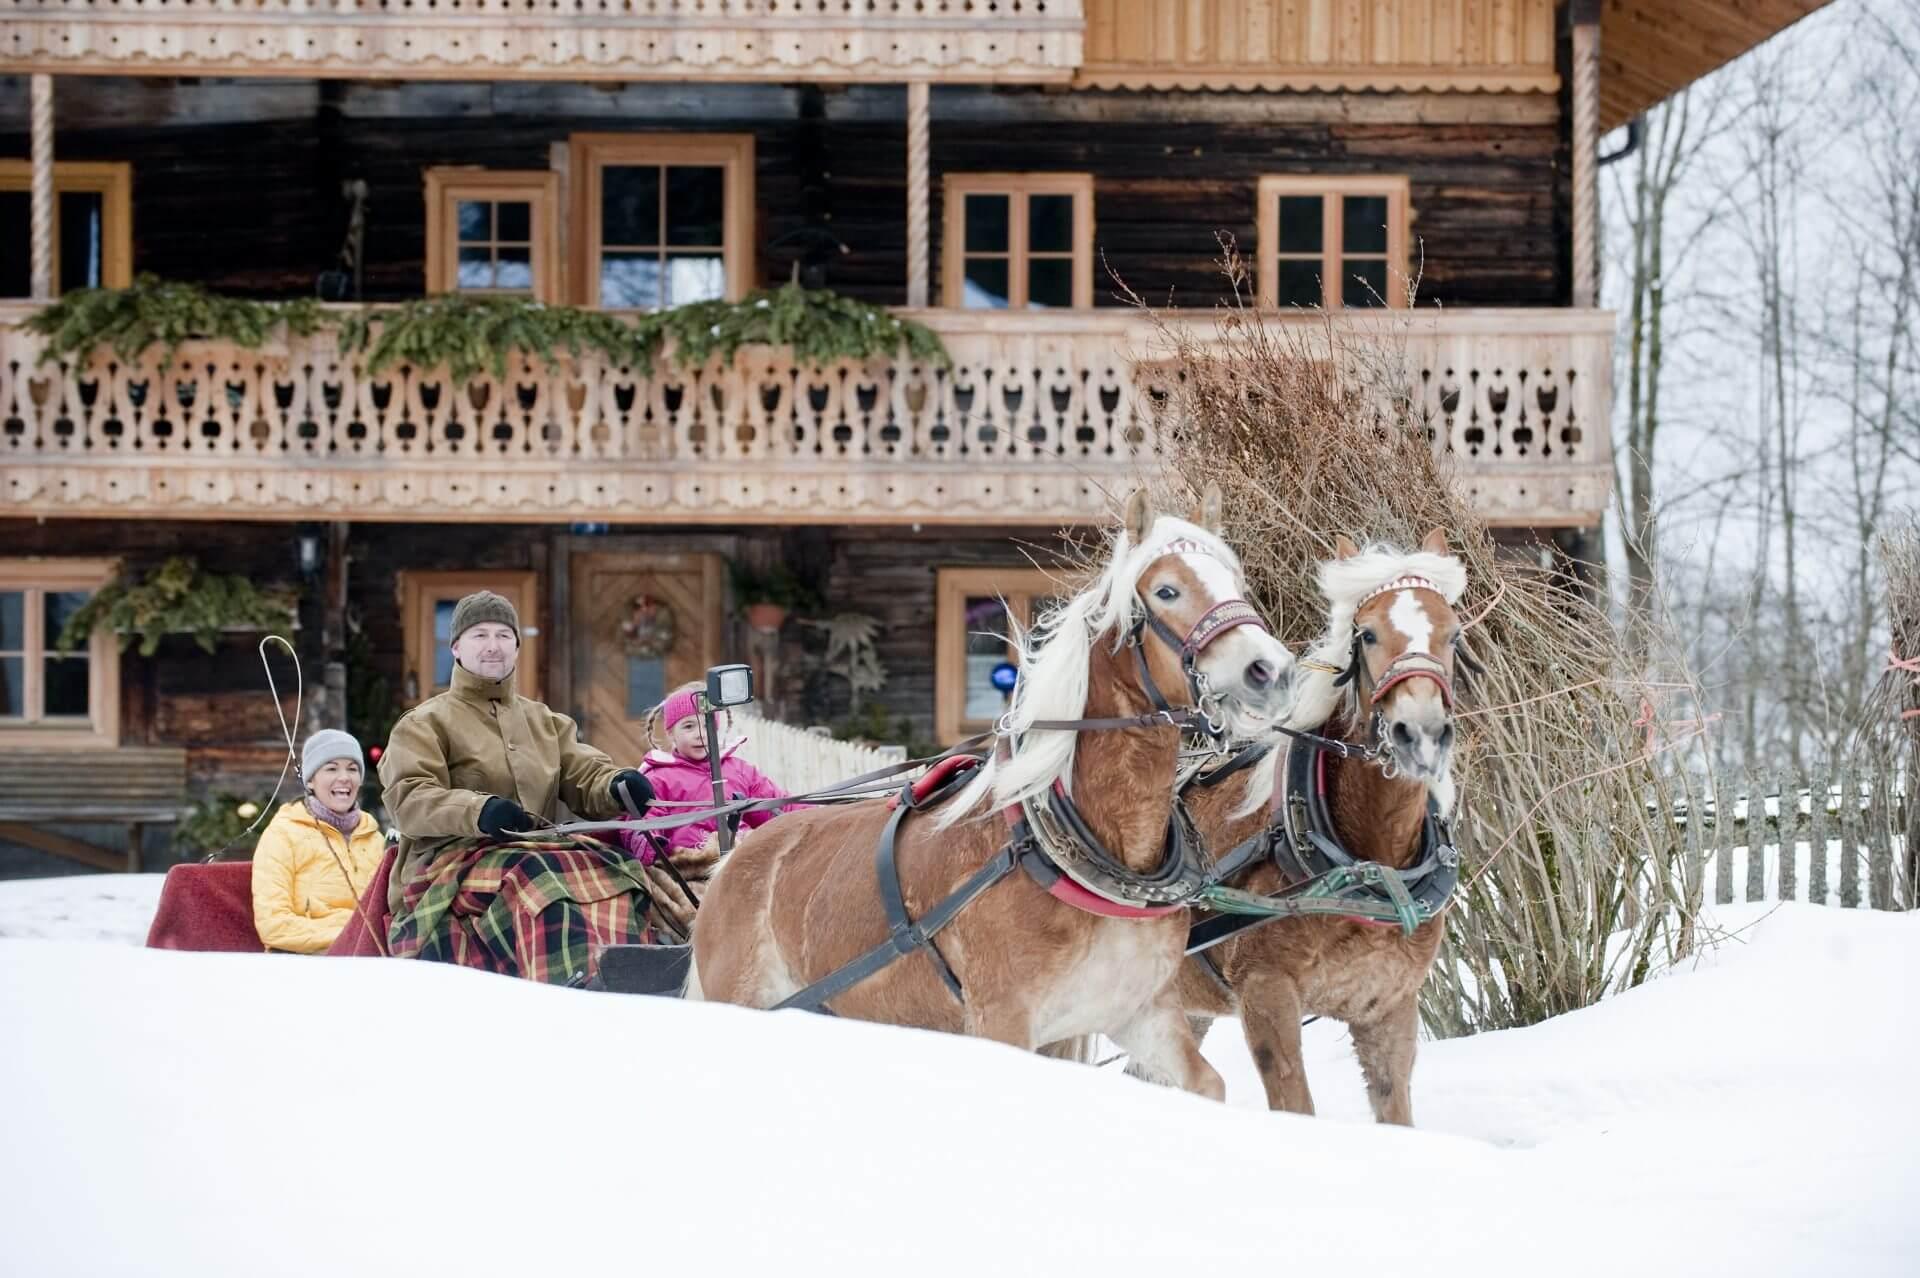 Pferdeschlittenfahrt Hotel Laudersbach Altenmarkt